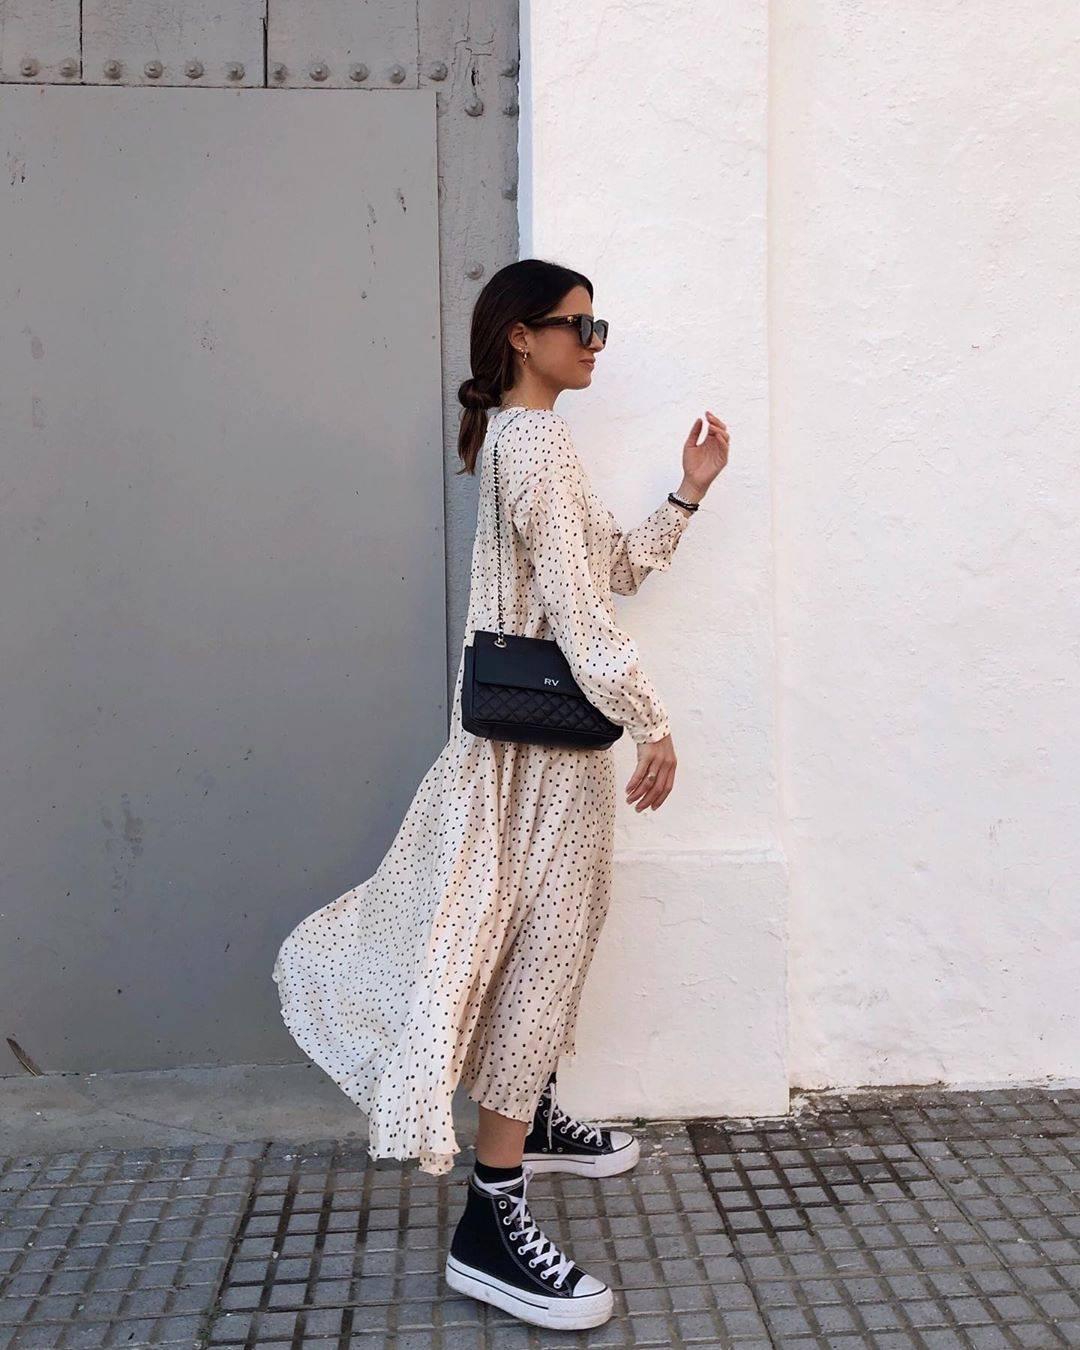 neumonía calendario Minimizar  El vestido más famoso y viral de Zara queda ideal con zapatillas